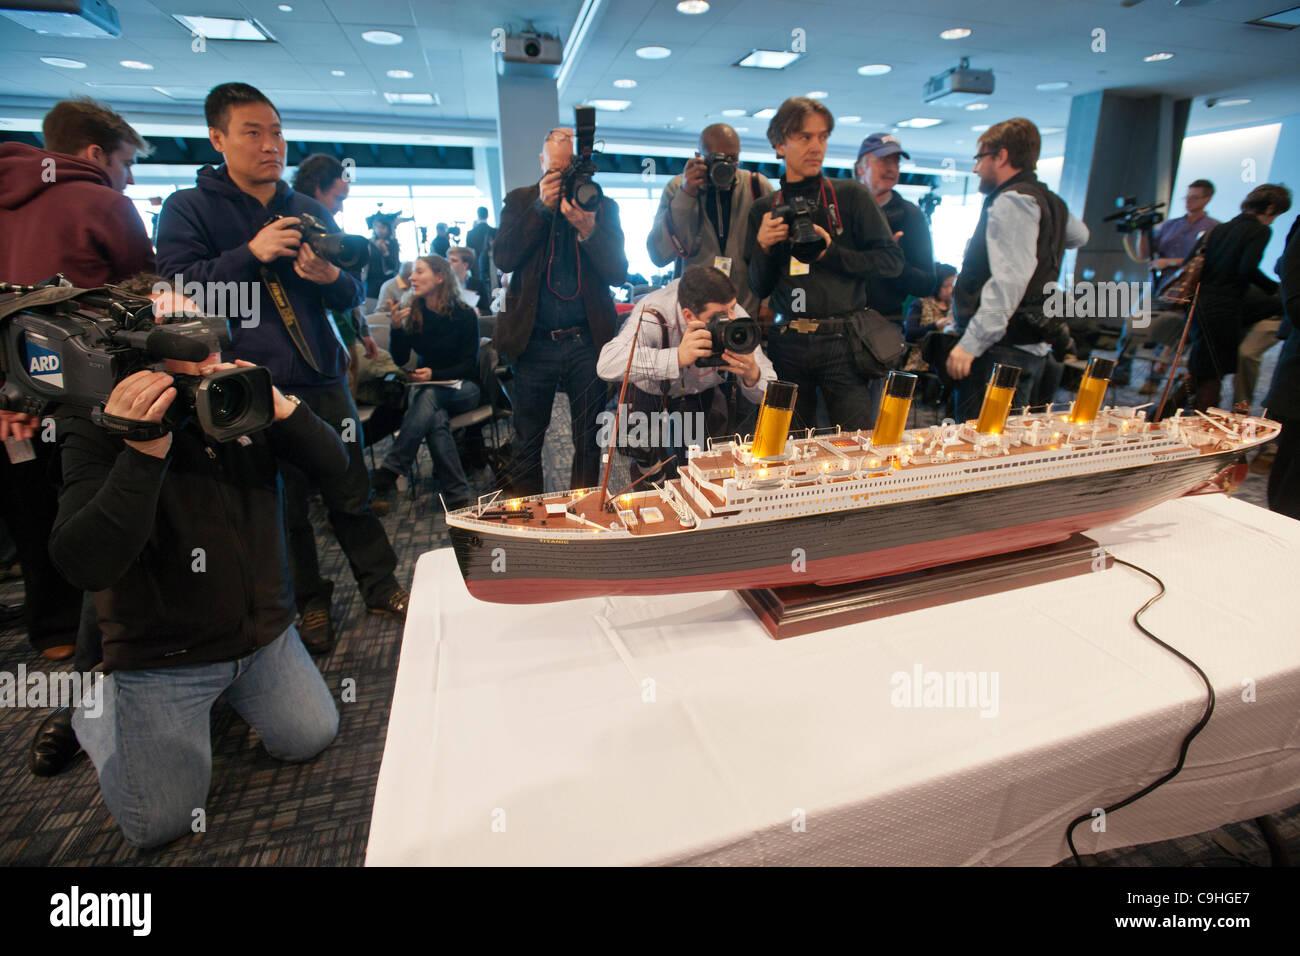 Scale Modell der Titanic auf dem Display an einer Medien-Vorschau für die Versteigerung des geborgenen Materials Stockbild